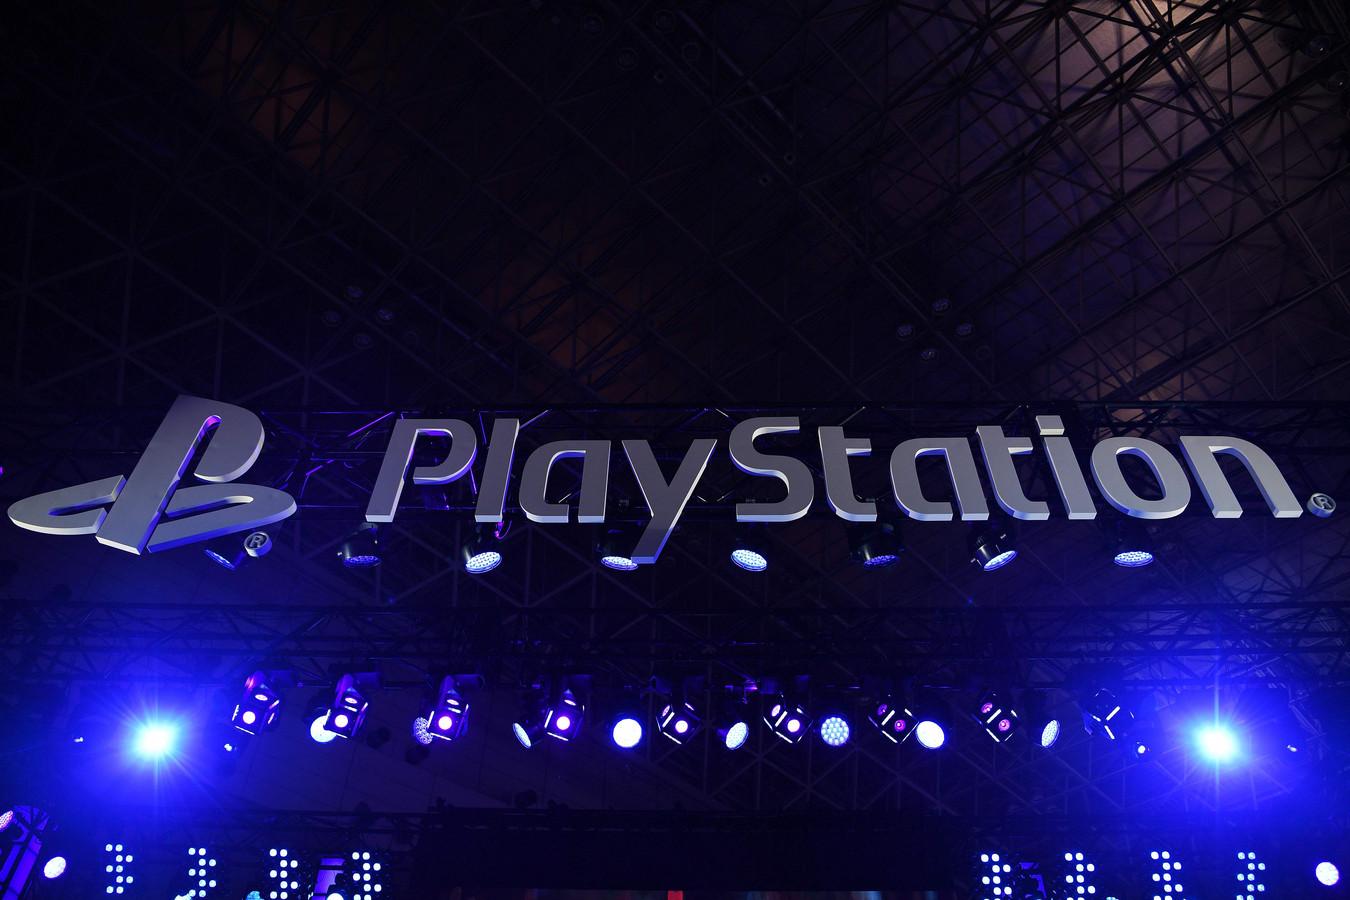 Sony presenteert zijn nieuwe PlayStation-consoles altijd met een groots media-event. Dat is deze keer, door de Covid-19-uitbraak, een livestream via internet.